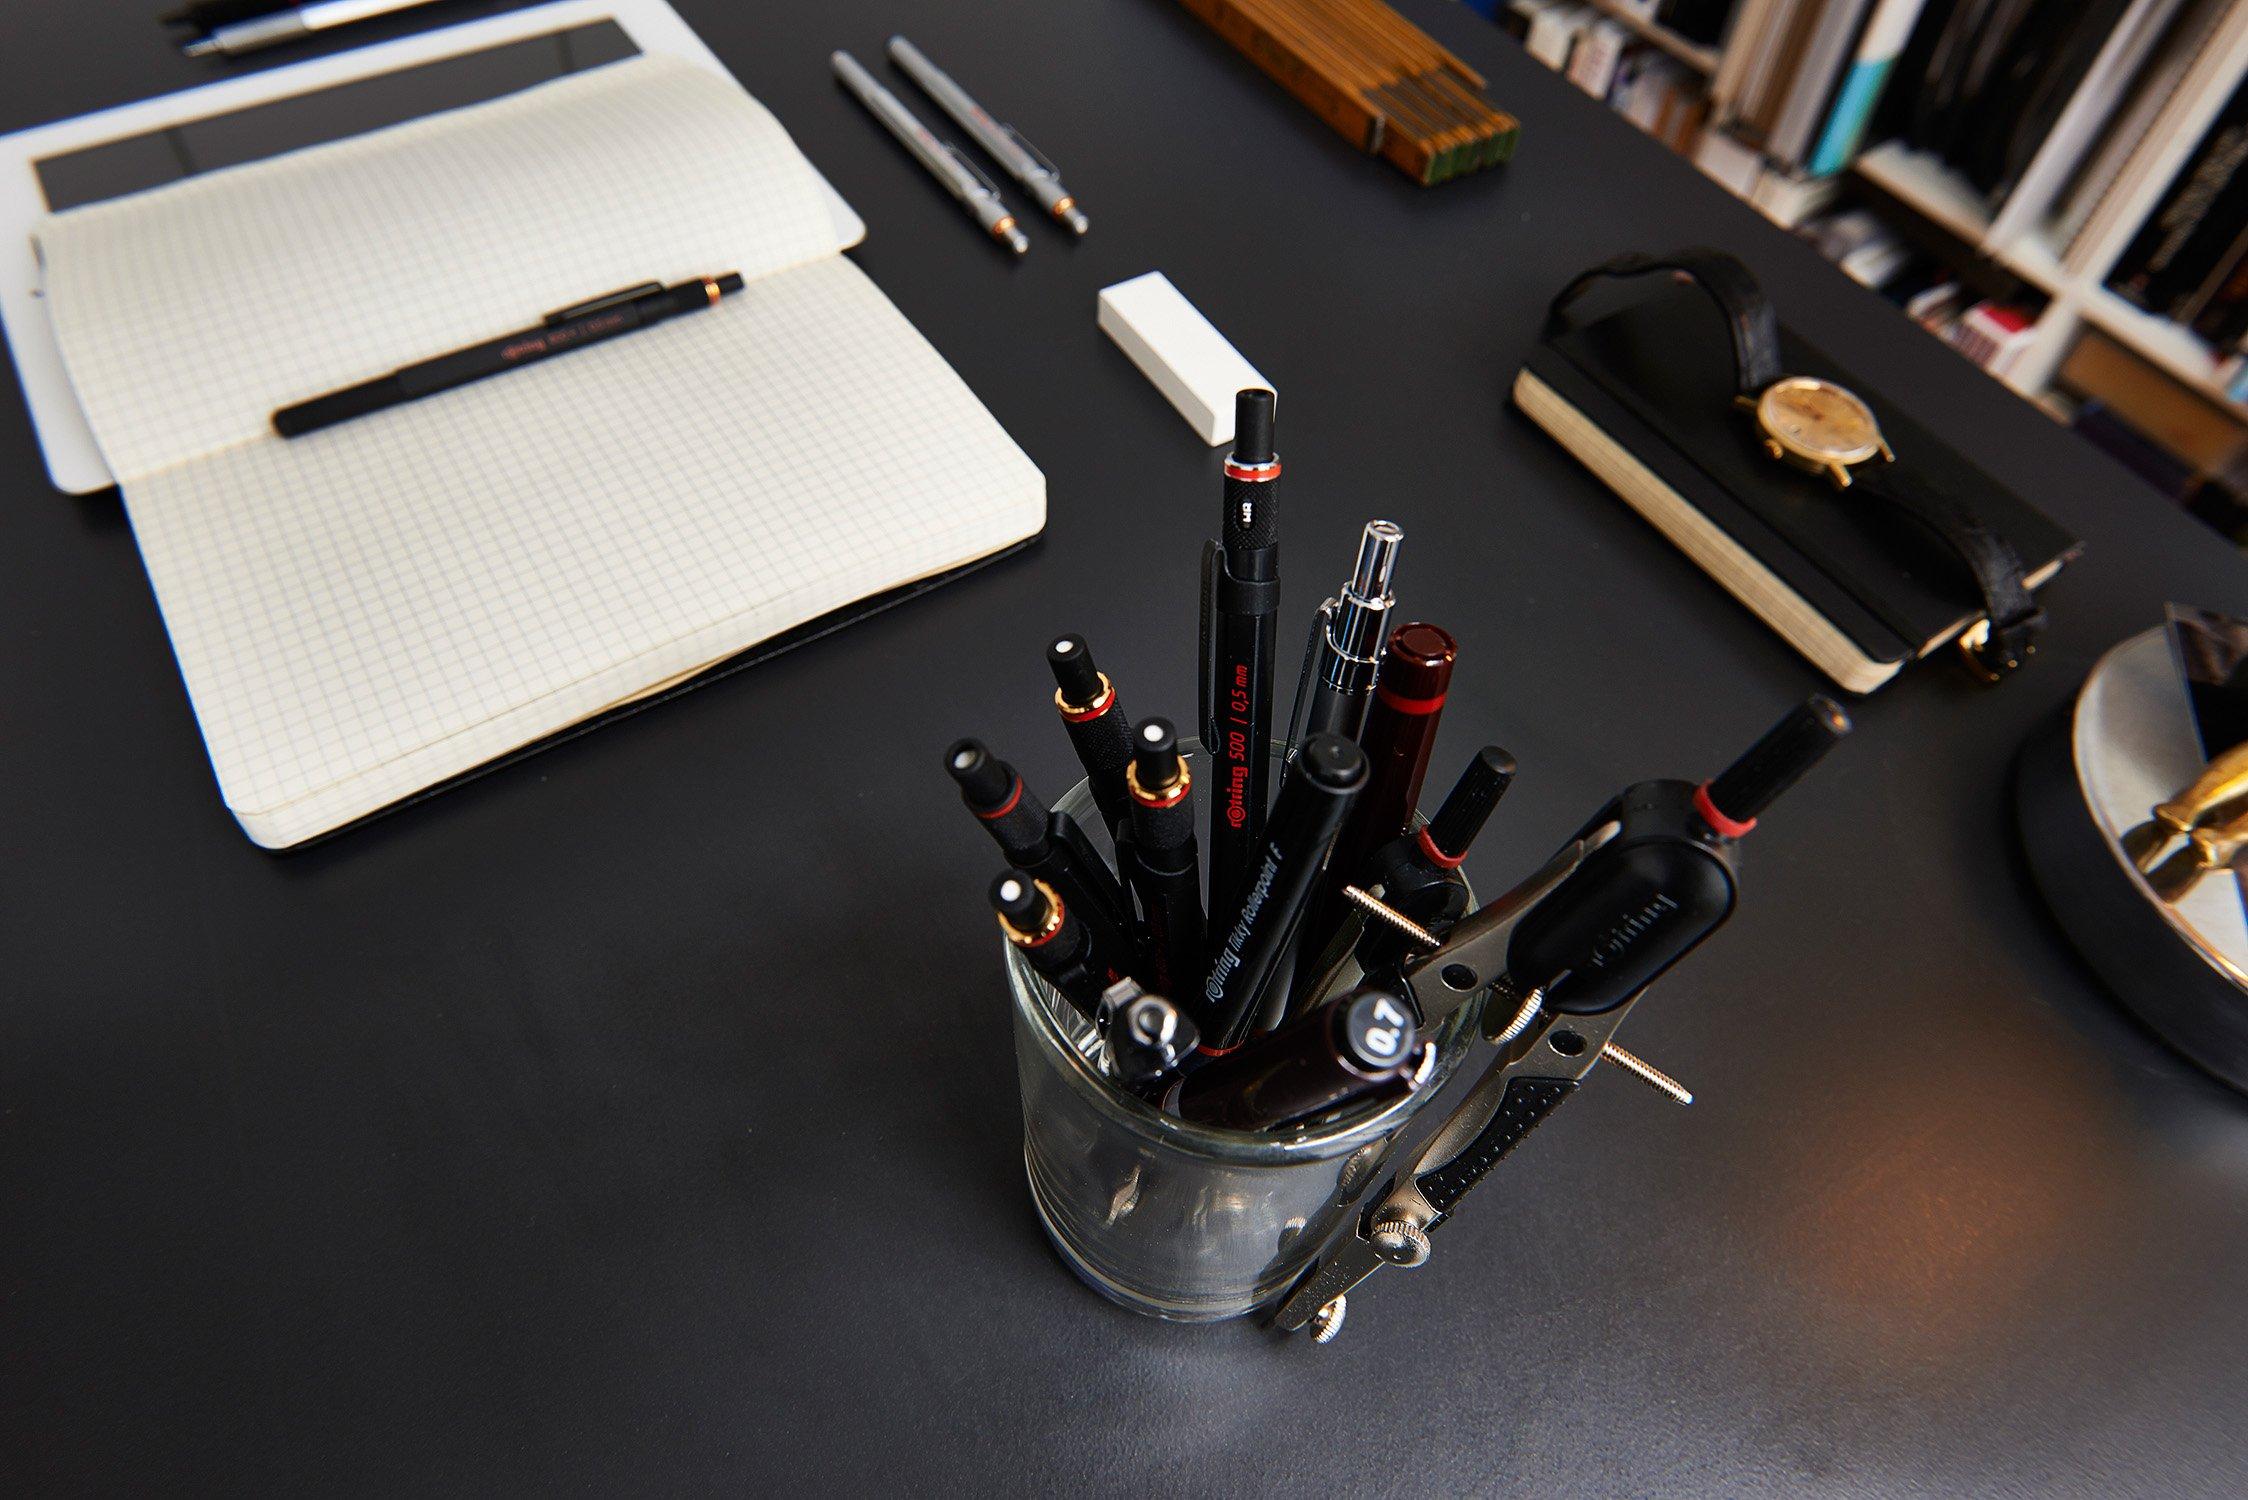 Rotring Tikky Graphic bolígrafo de punta fina, 0,20 mm, Color Negro: Amazon.es: Oficina y papelería